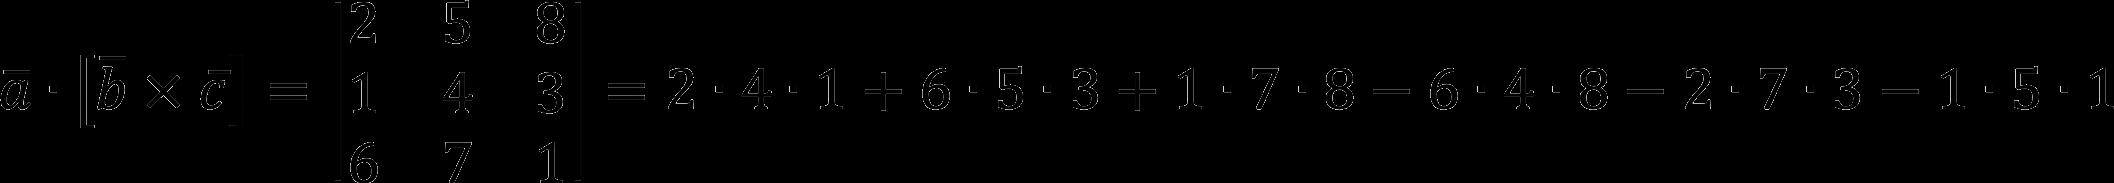 Пример смешанного произведения векторов